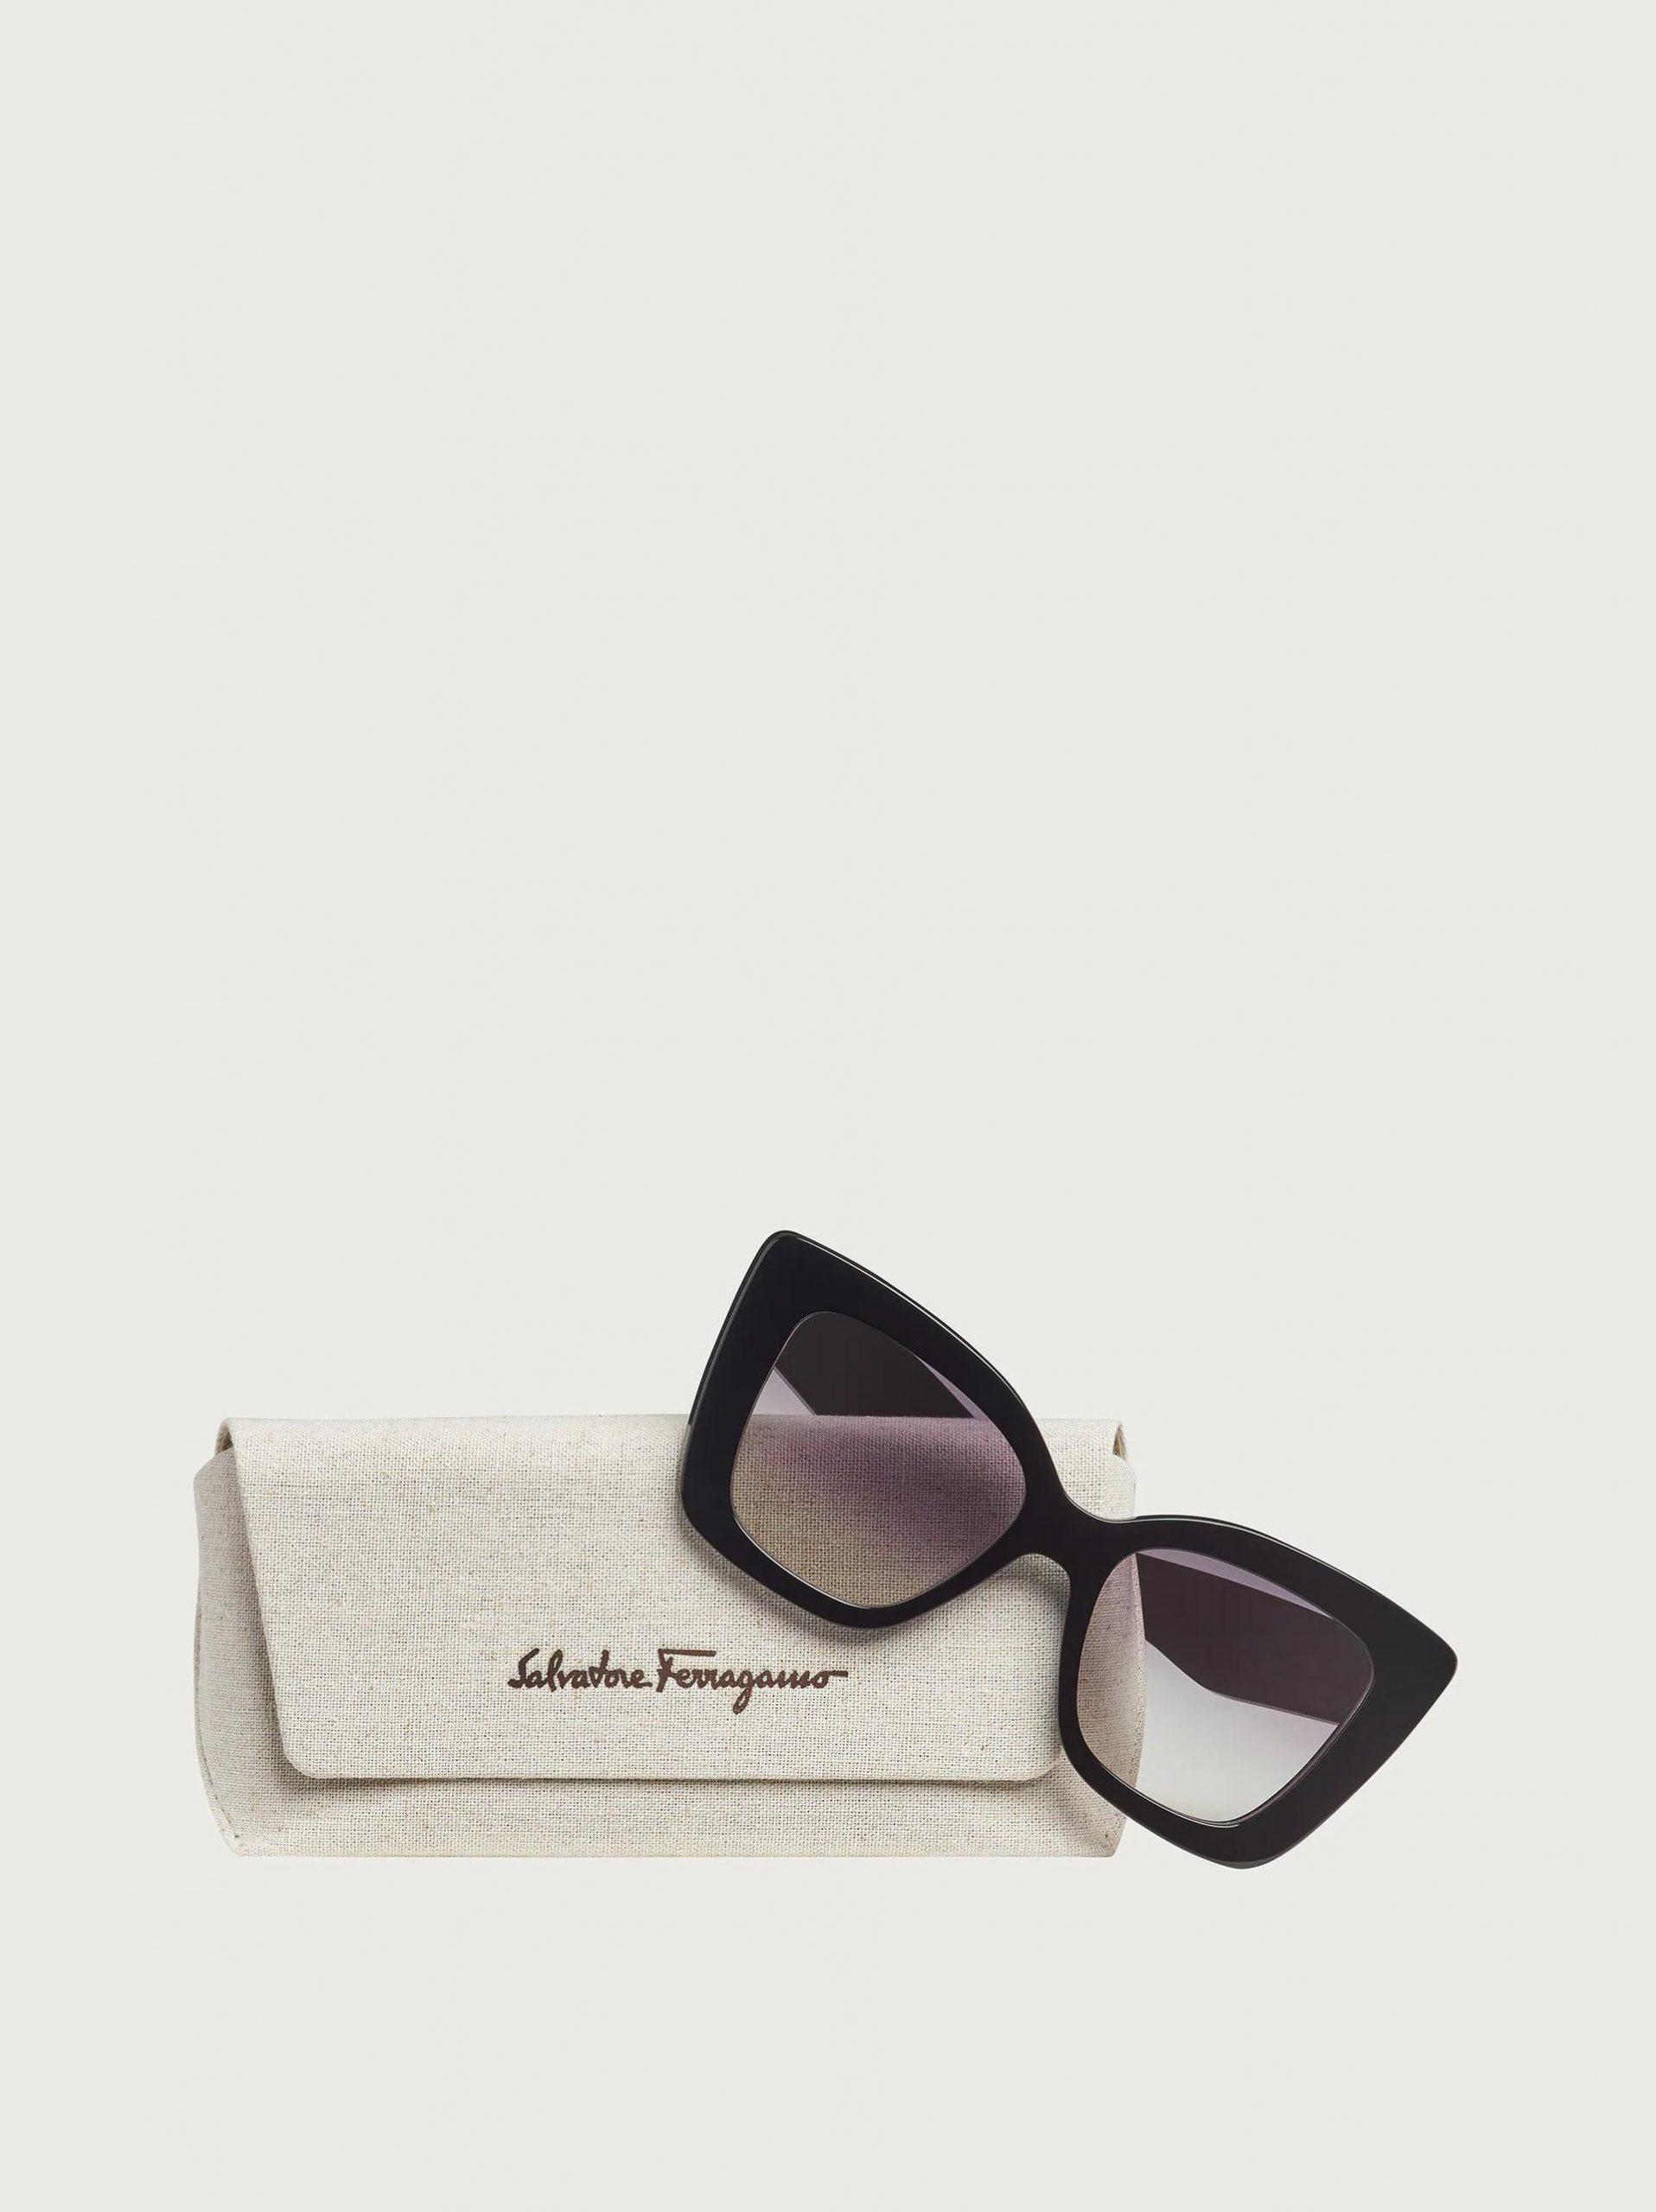 Imagem da notícia: Salvatore Ferragamo apresenta nova coleção eyewear feminina a pensar no ambiente